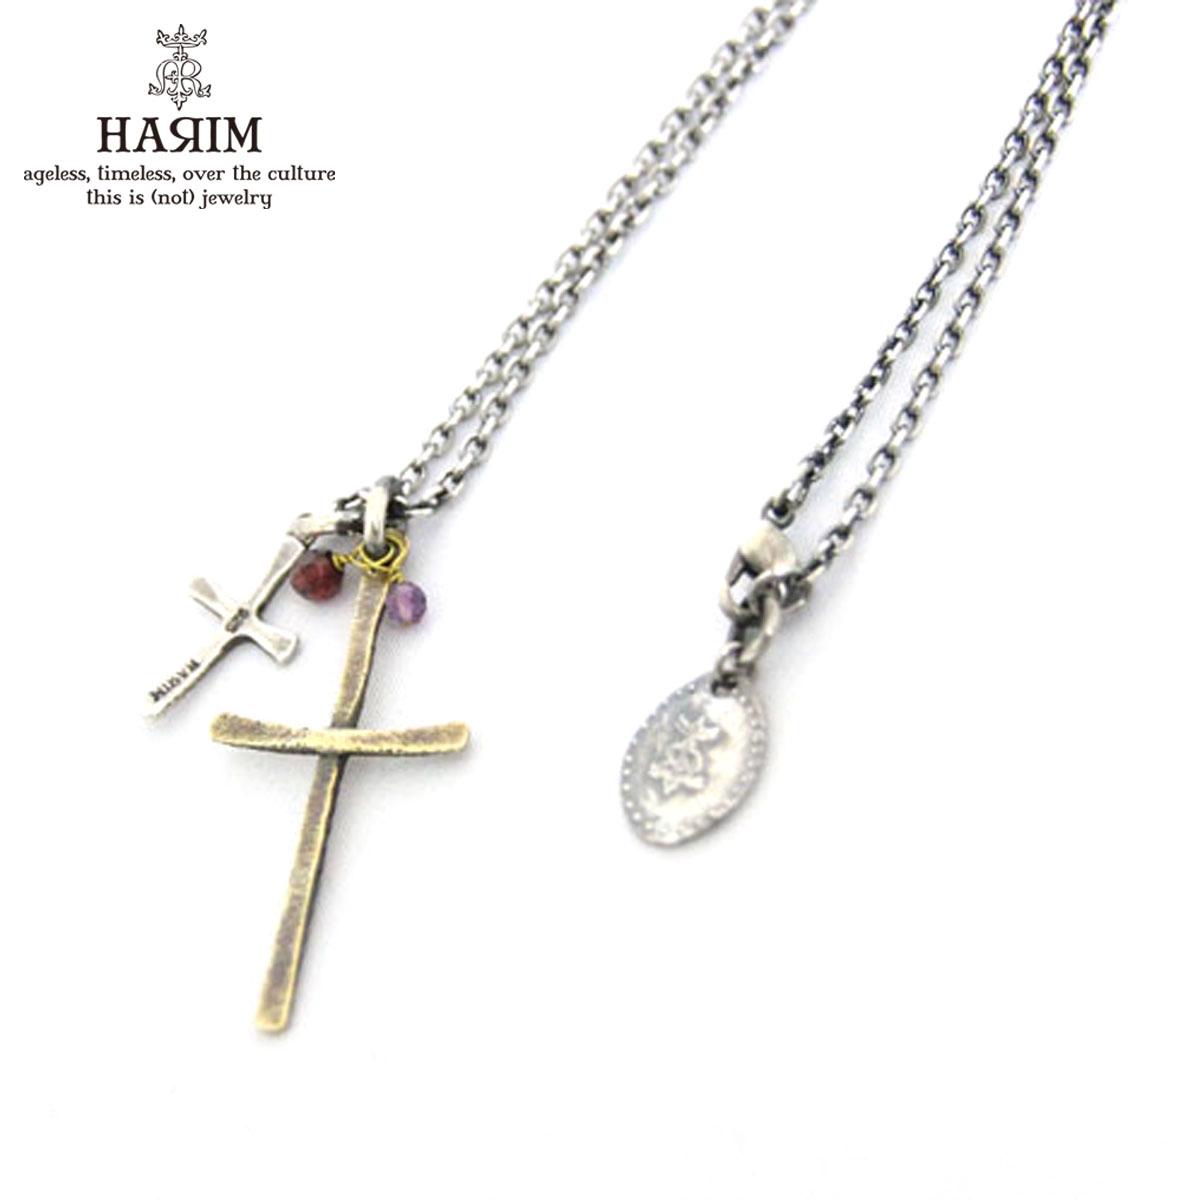 ハリム HARIM 正規販売店 ネックレス WISH set charms Necklace HRP097S